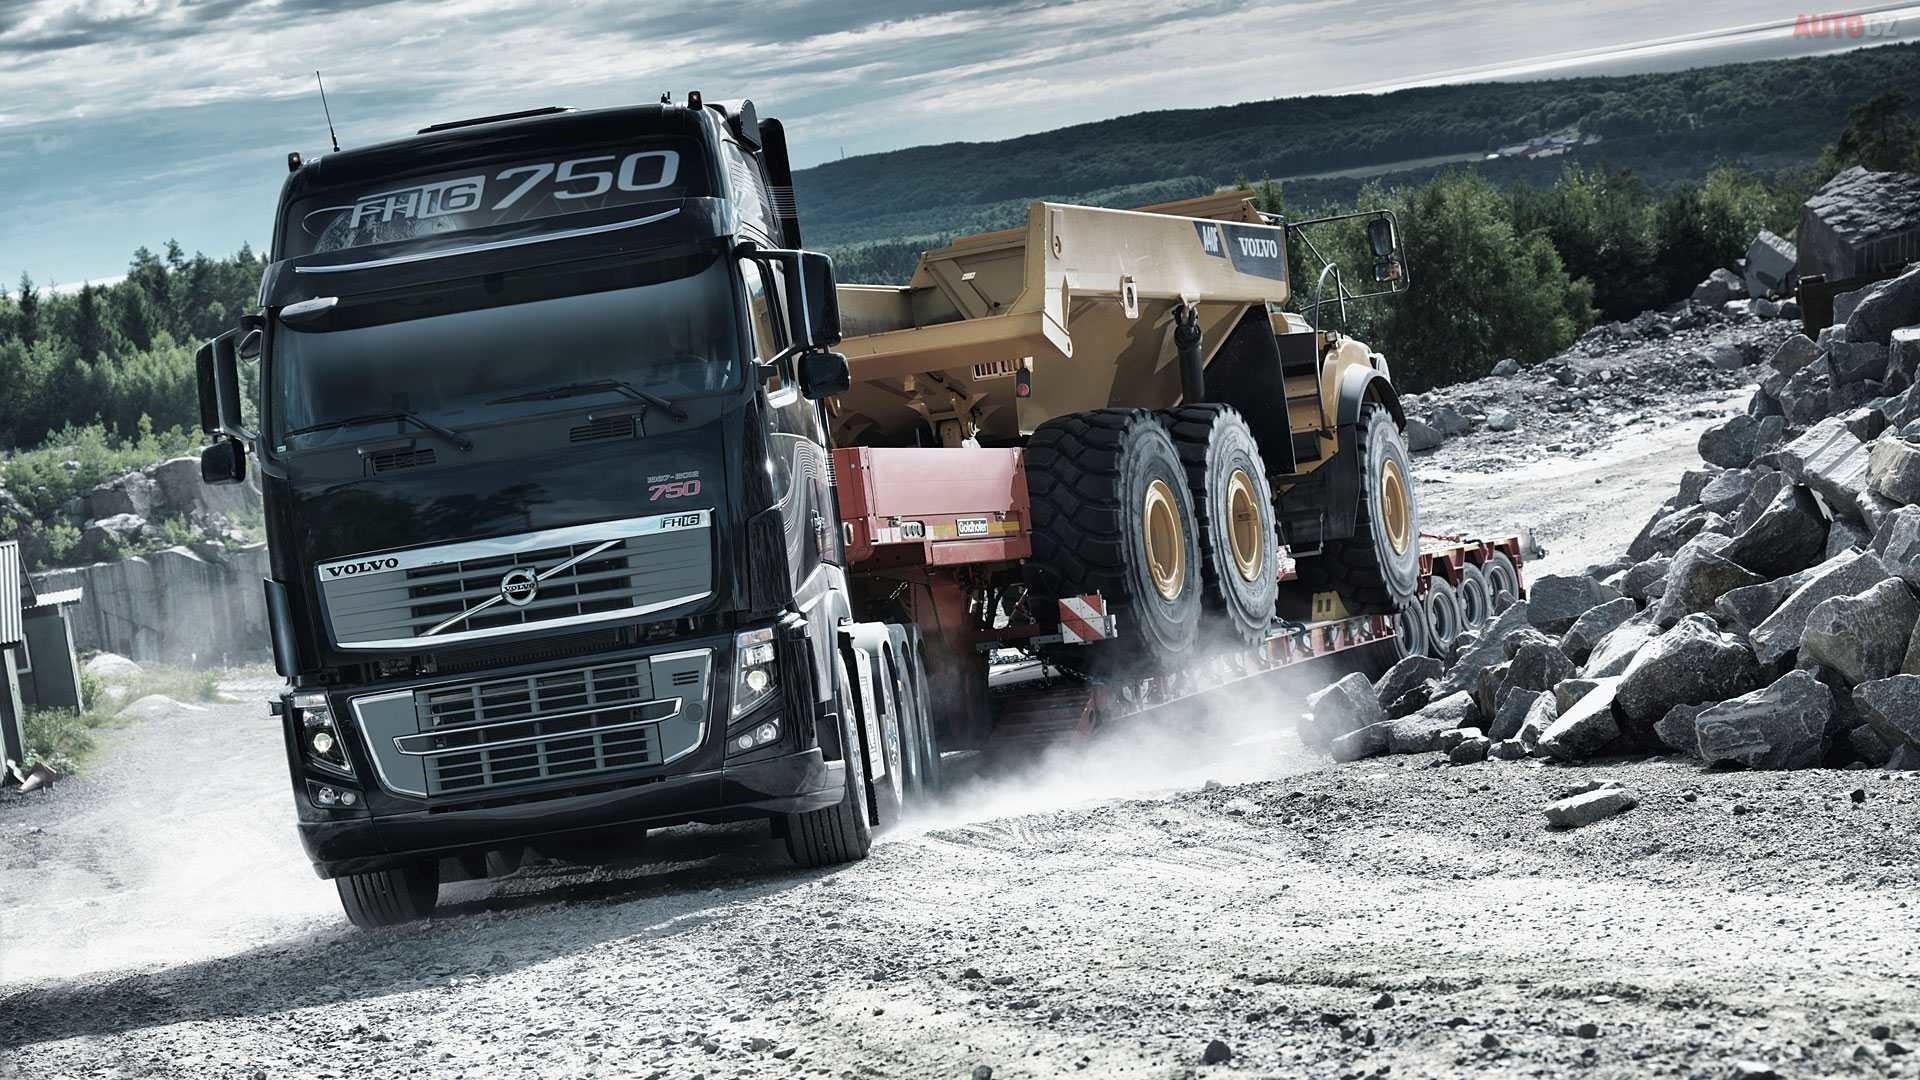 Volvo Truck Wallpaper HD Resolution #UjG